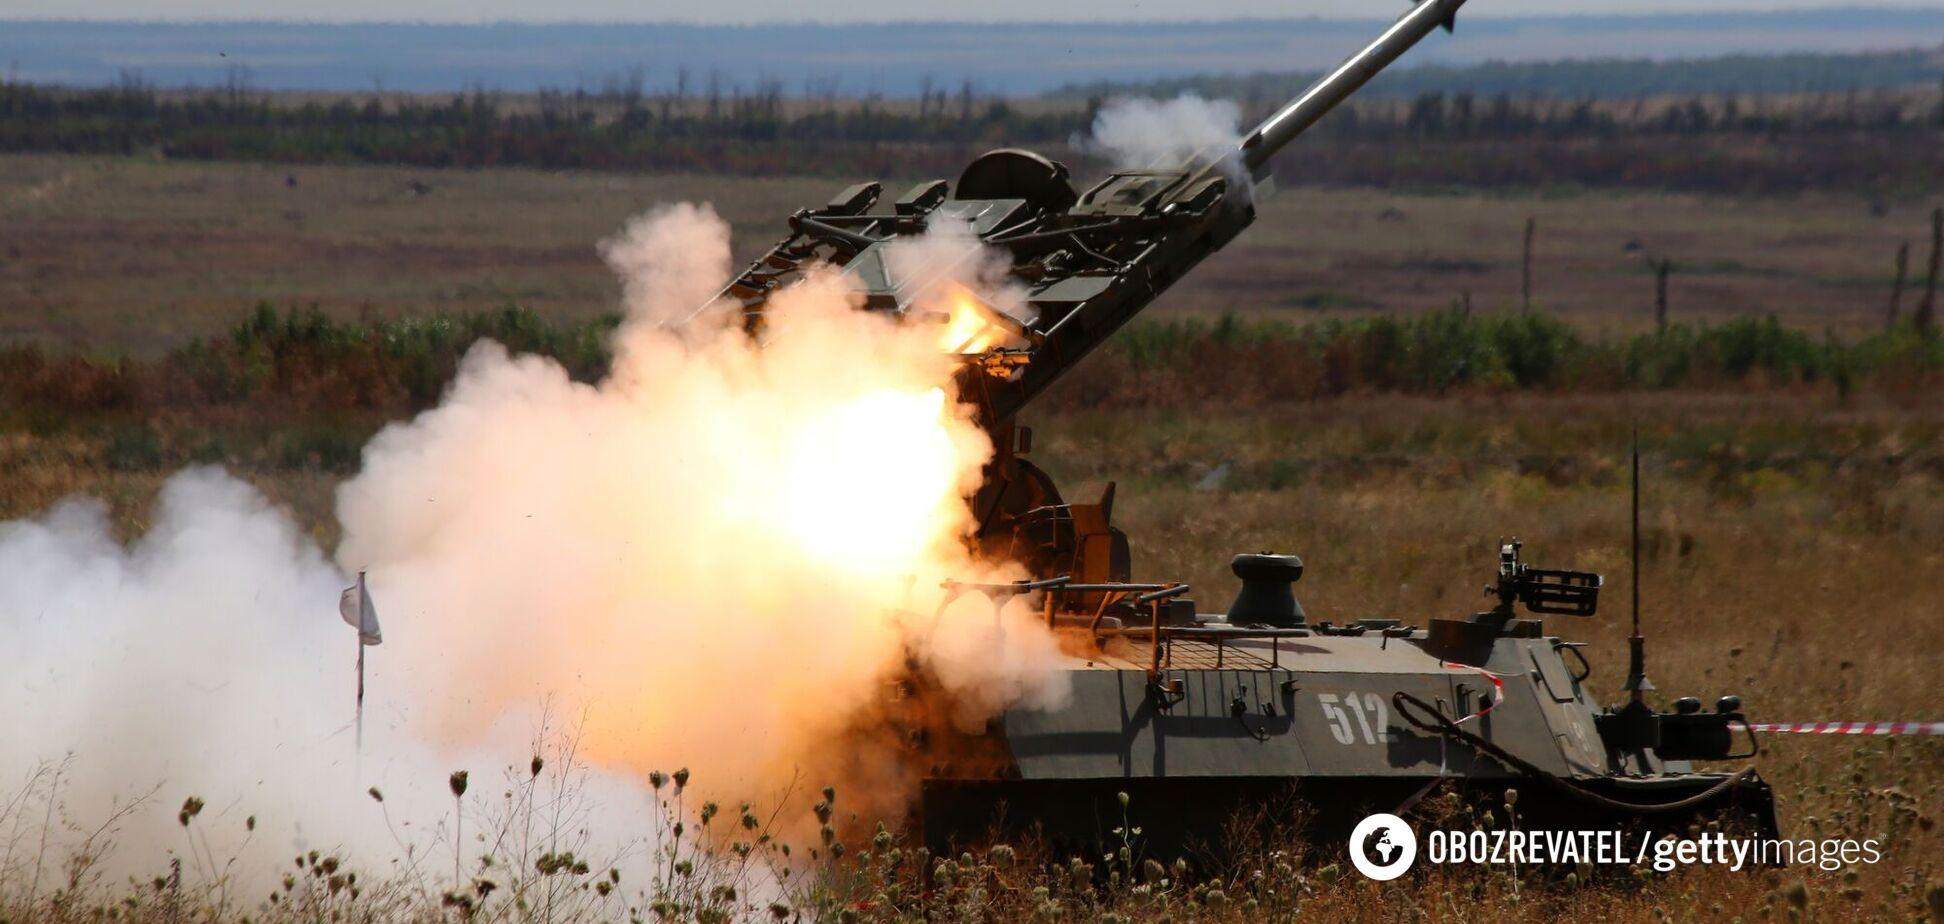 Бойцов на Донбассе будут штрафовать за ответный огонь по террористам, – Бутусов